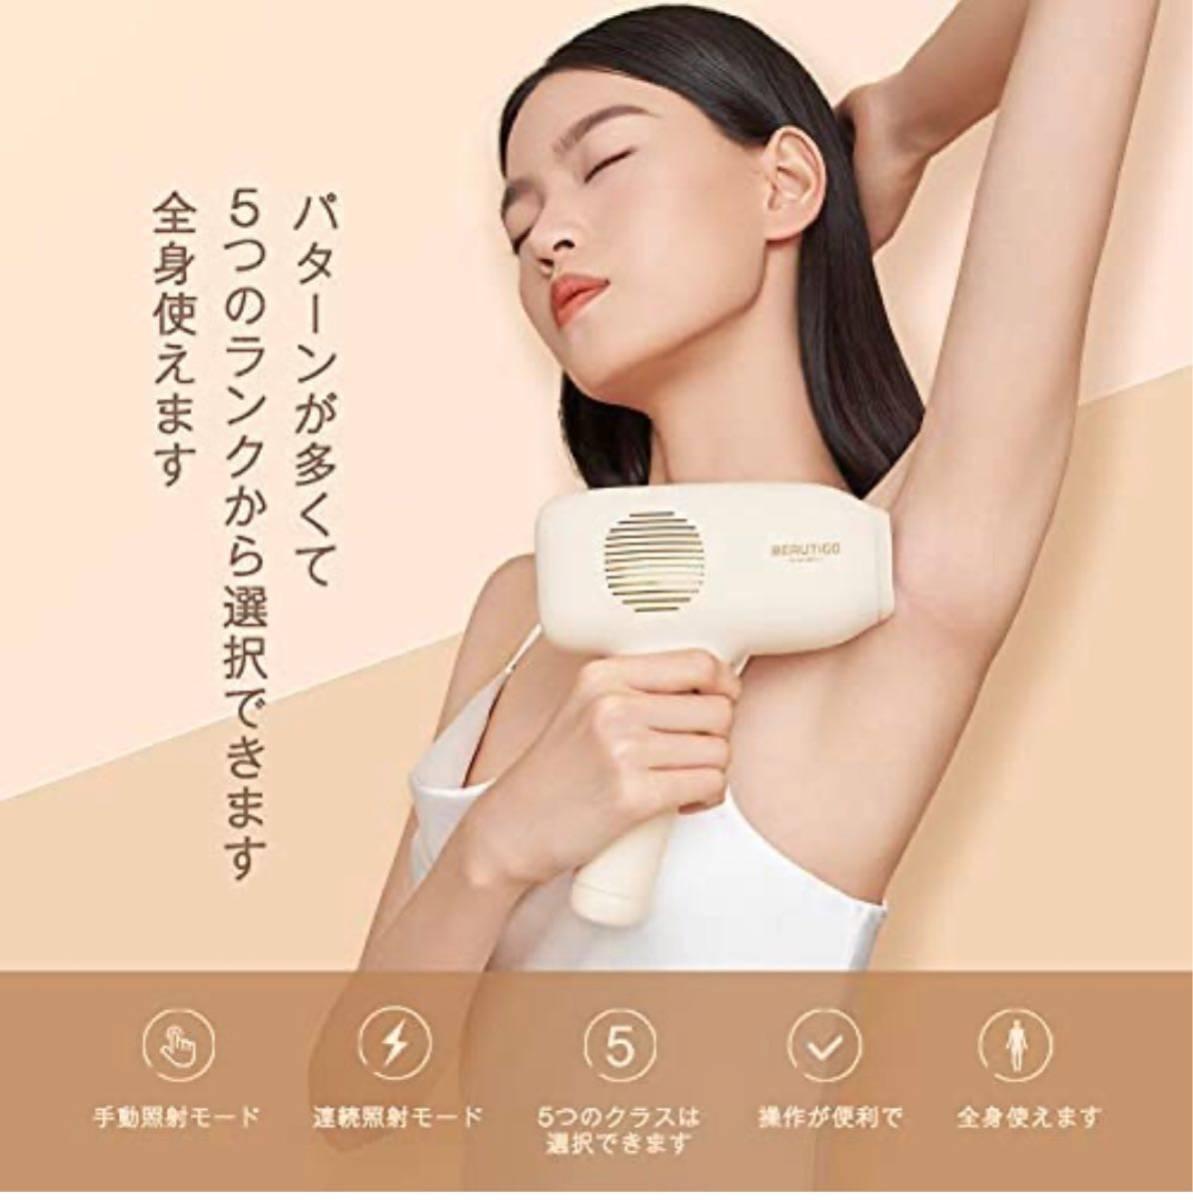 脱毛器 メンズ Beautigo IPL光脱毛器家庭用脱毛器照射回数無限 5段階照射 男女兼用 PSE安全認証済み (White)